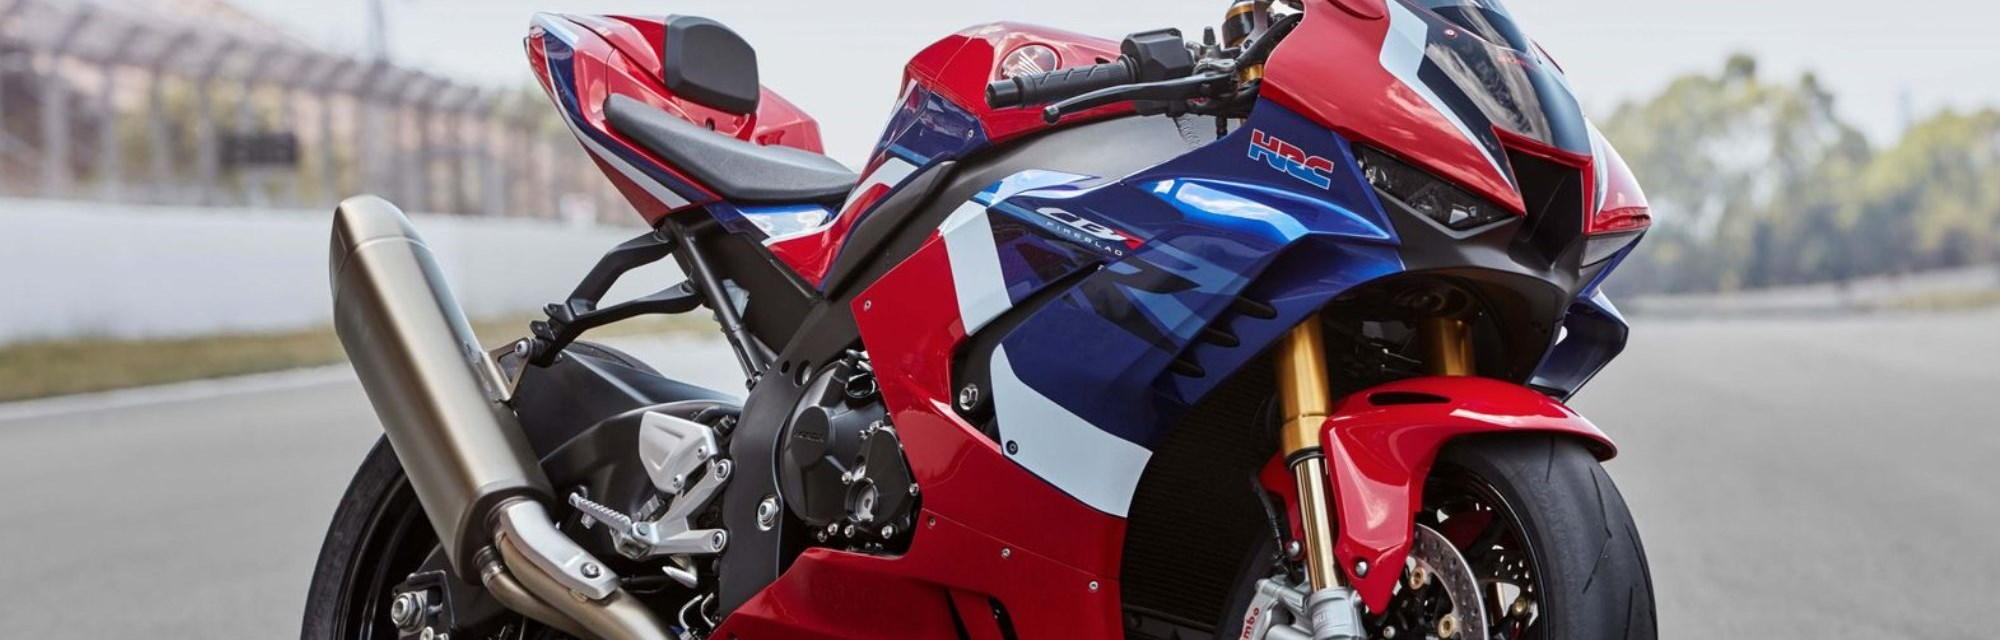 Die neue Honda CBR1000RR-R  Fireblade ab 23'970 CHF / SP 2020 ab 28'410 CHF vorbestellen.